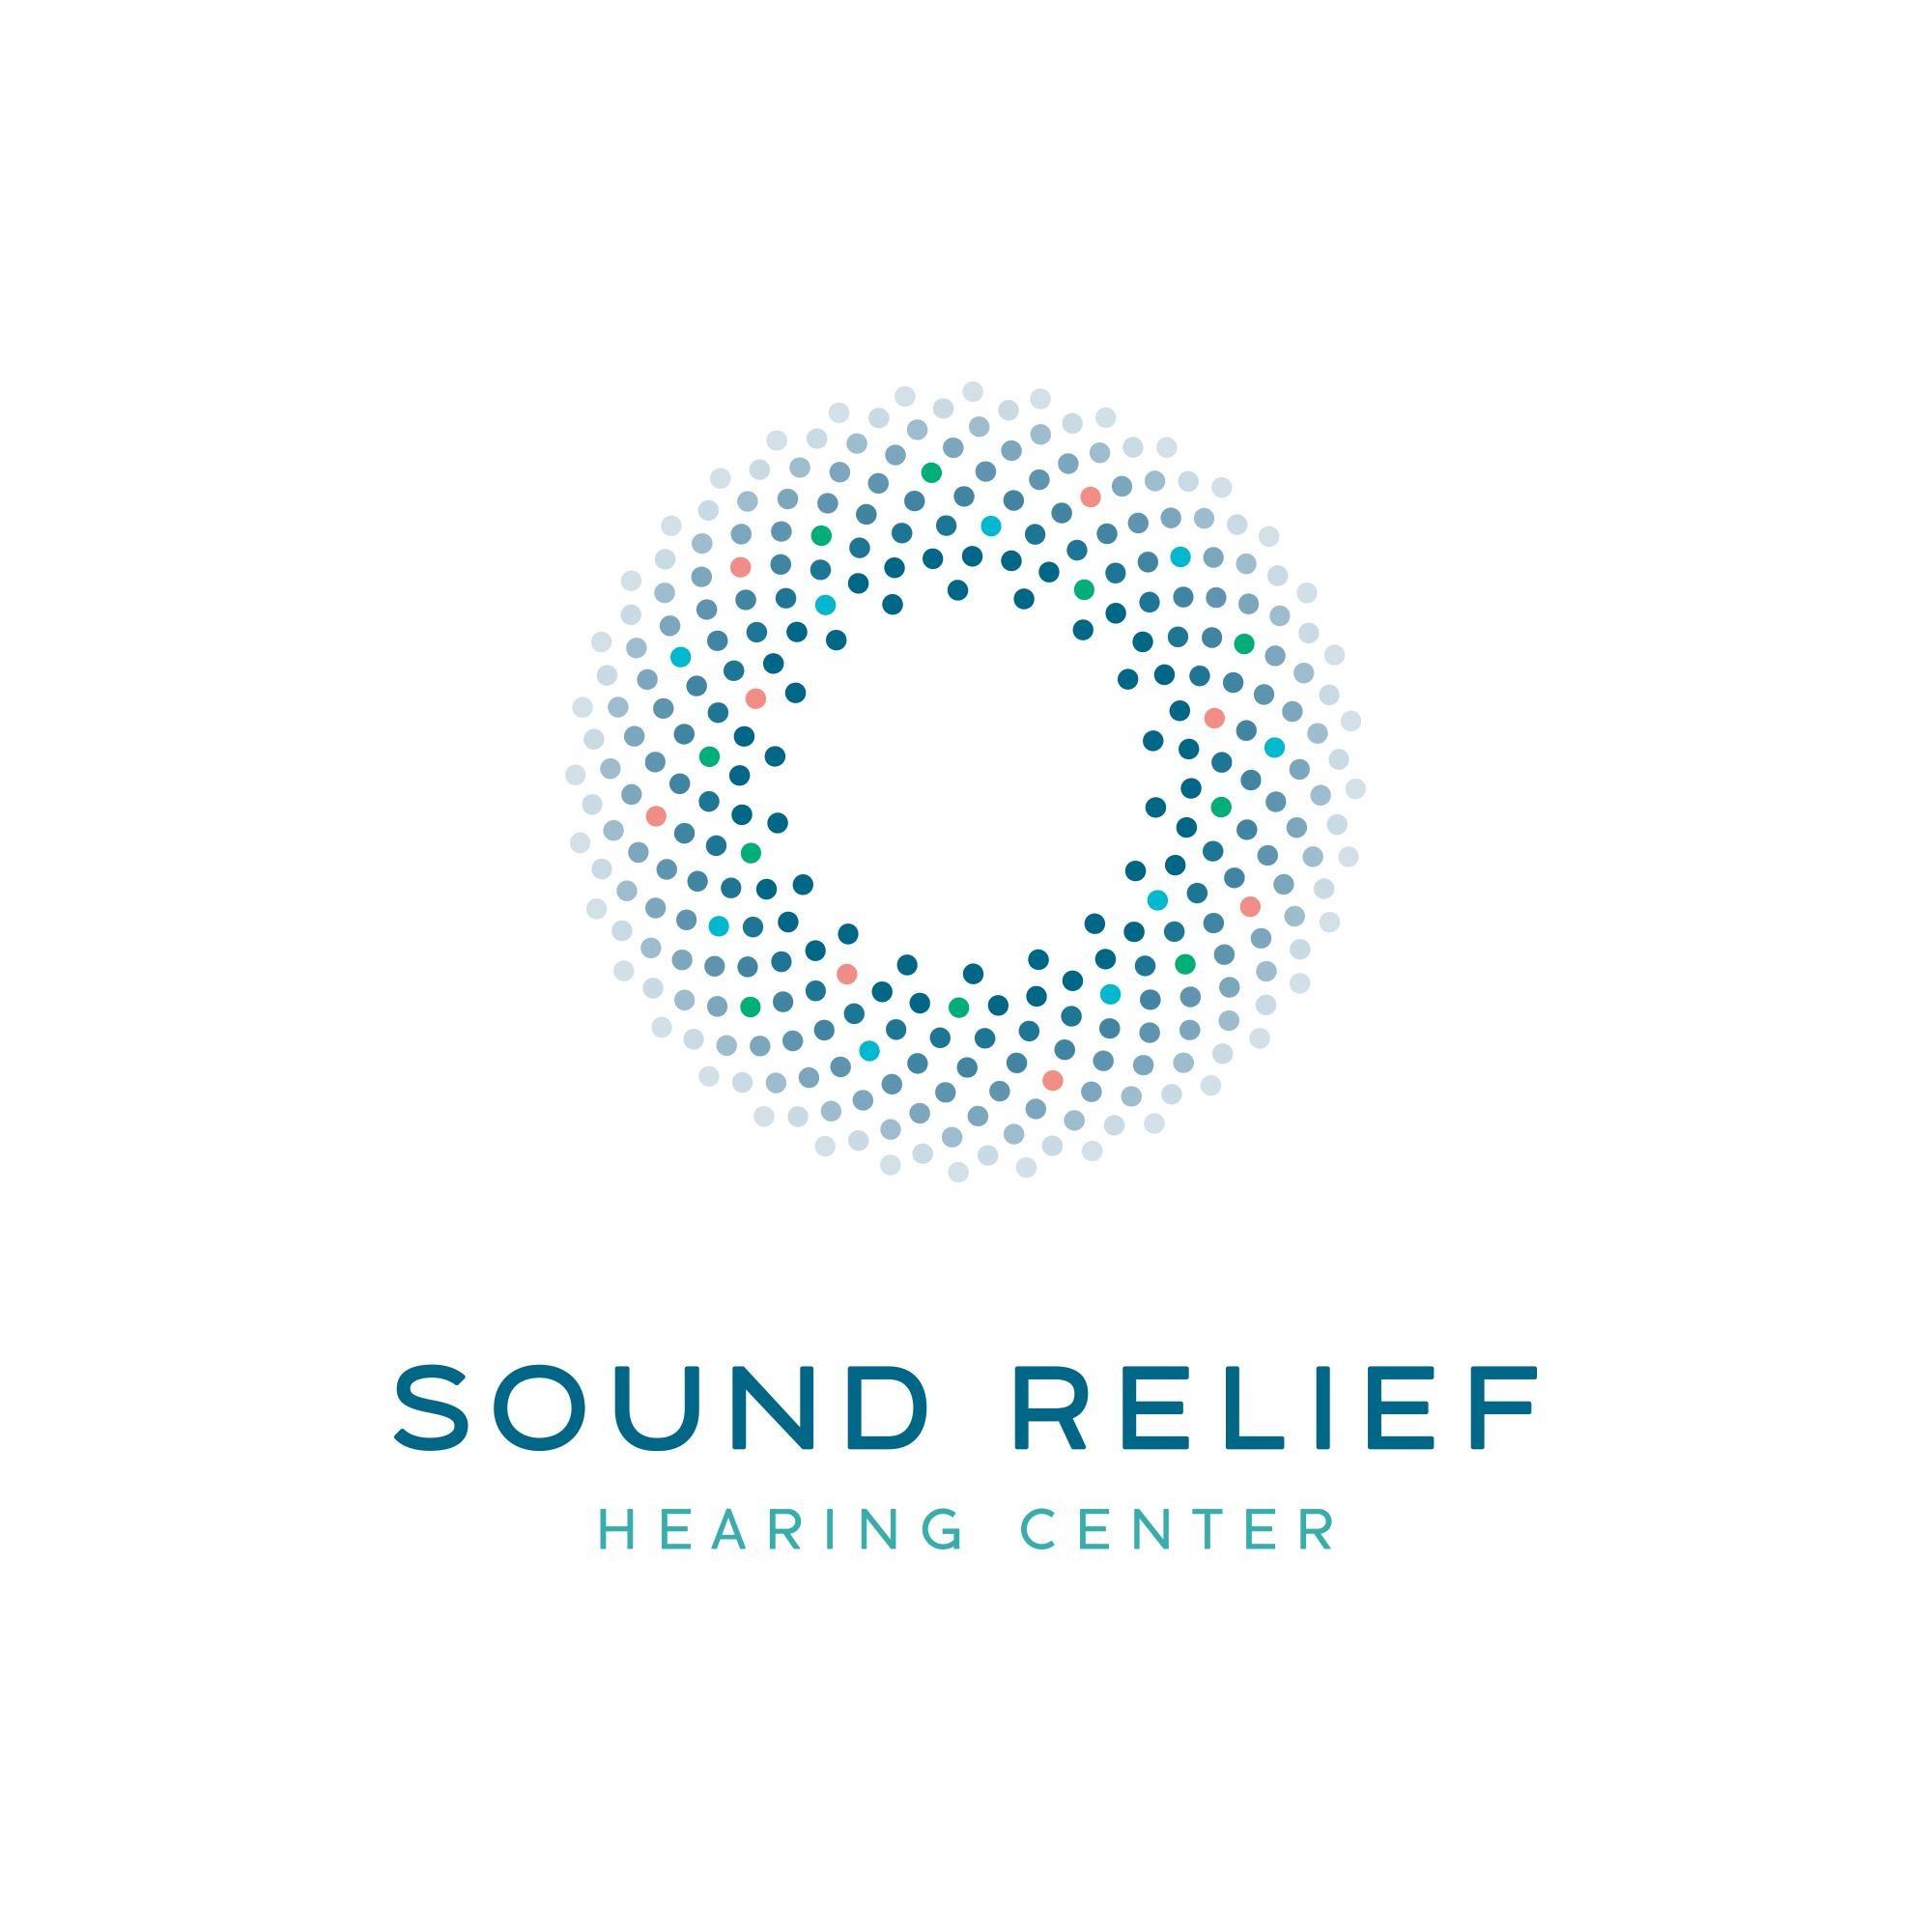 Sound Relief Hearing Center